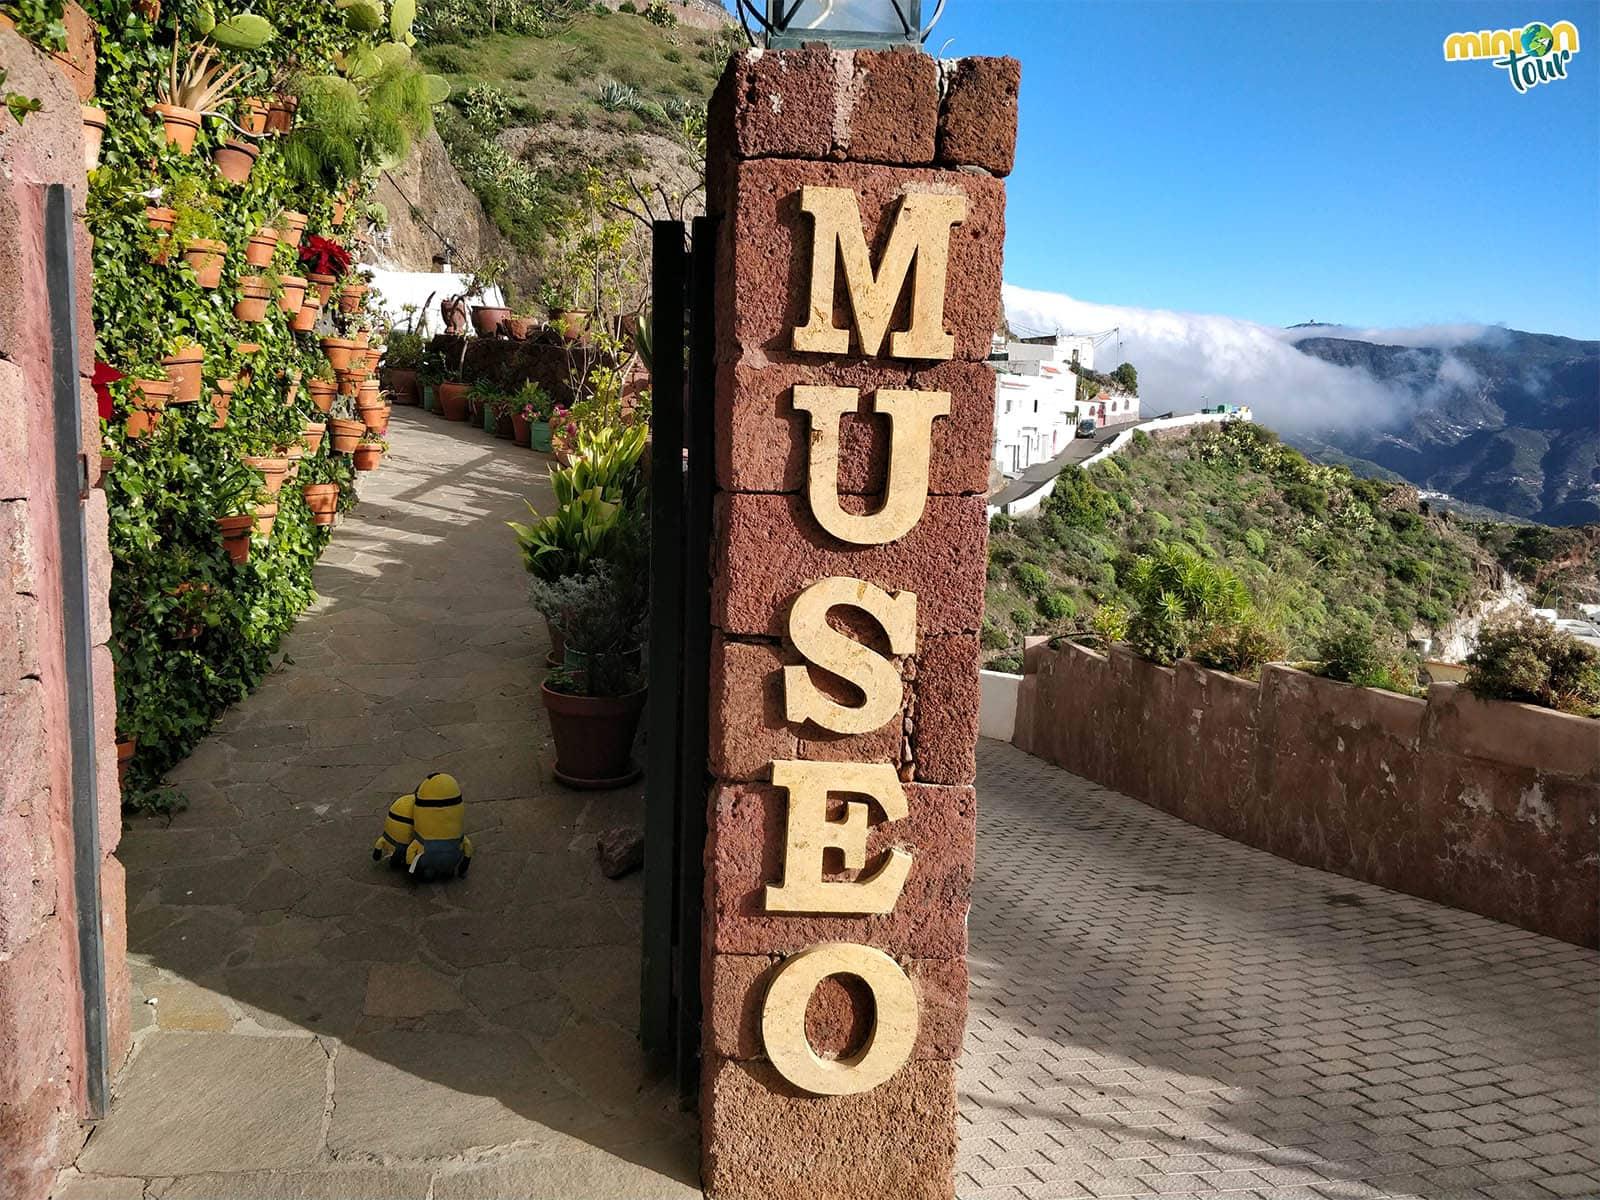 Museo Etnográfico de las Casas Cuevas, un imprescindible qué ver en Artenara